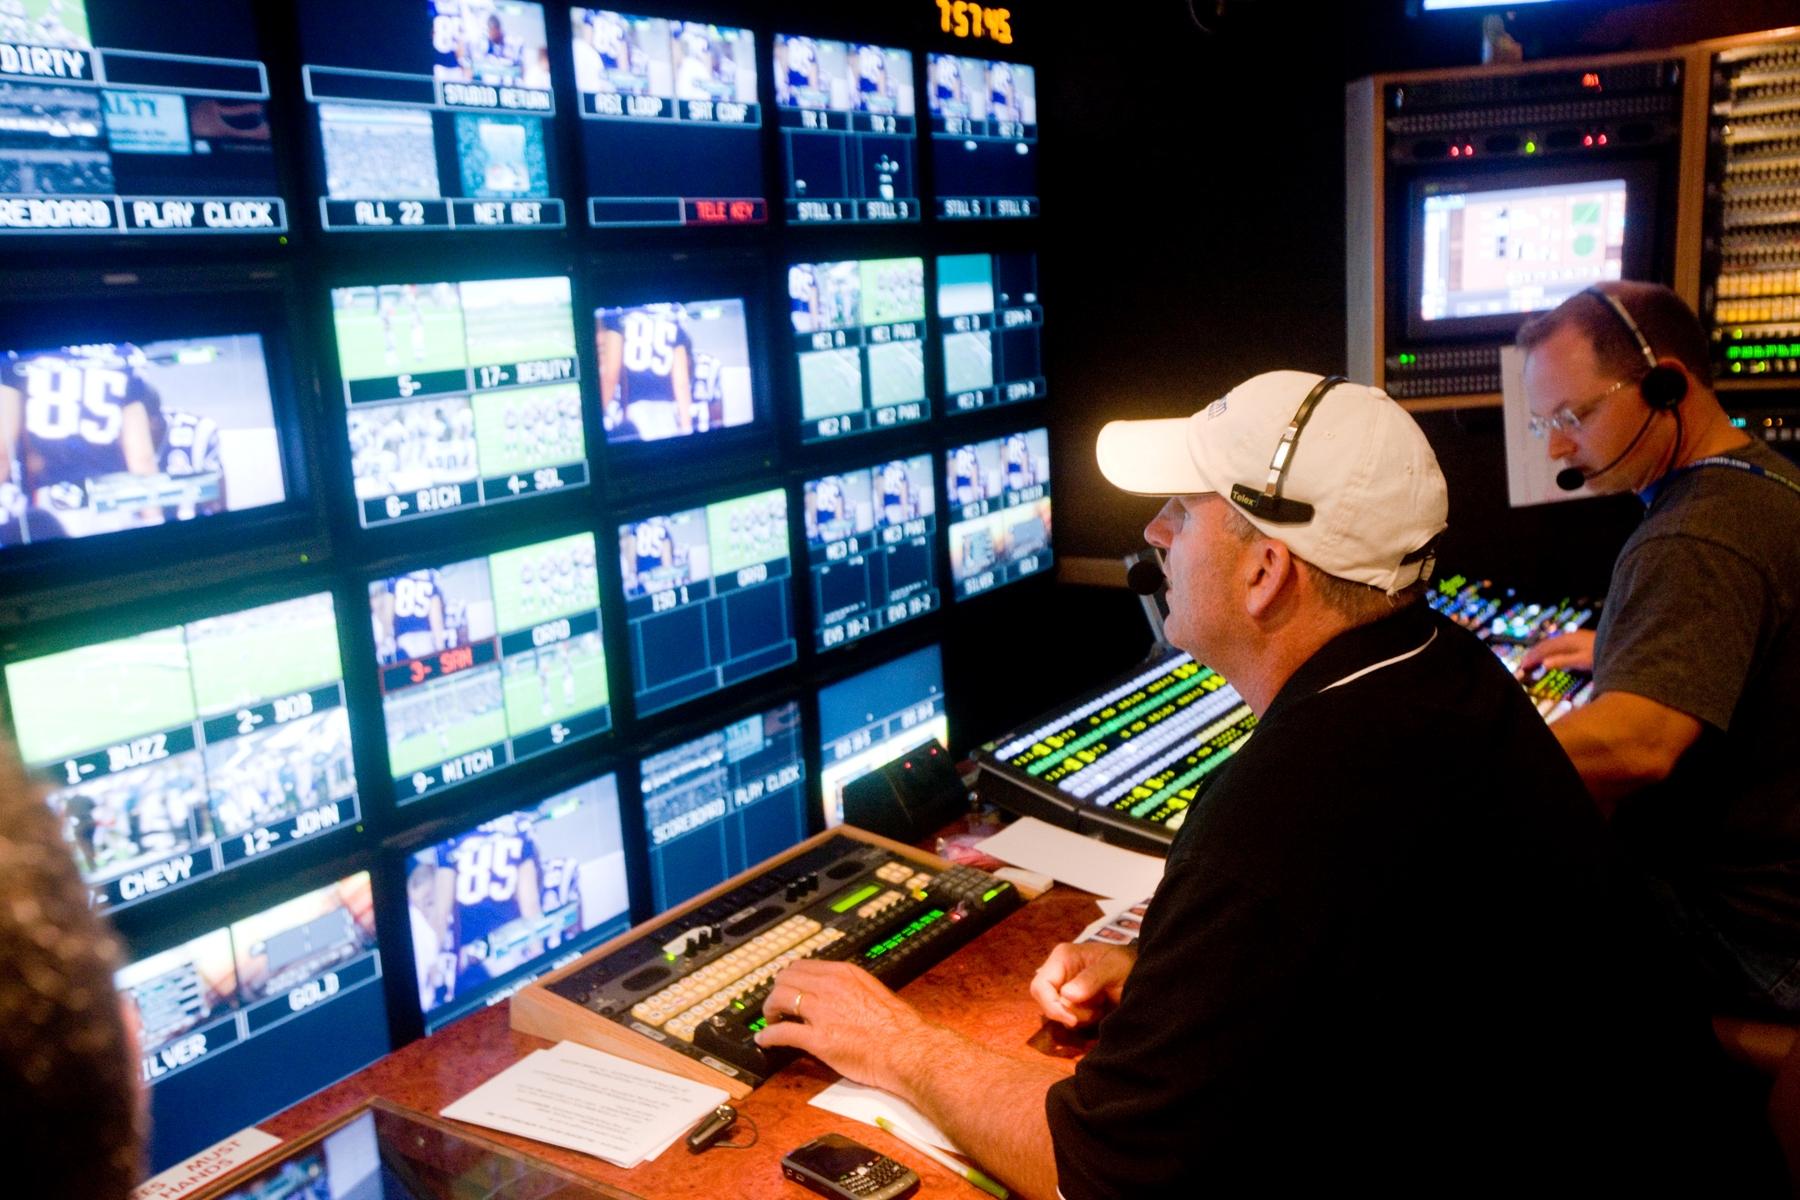 TV Crew Director